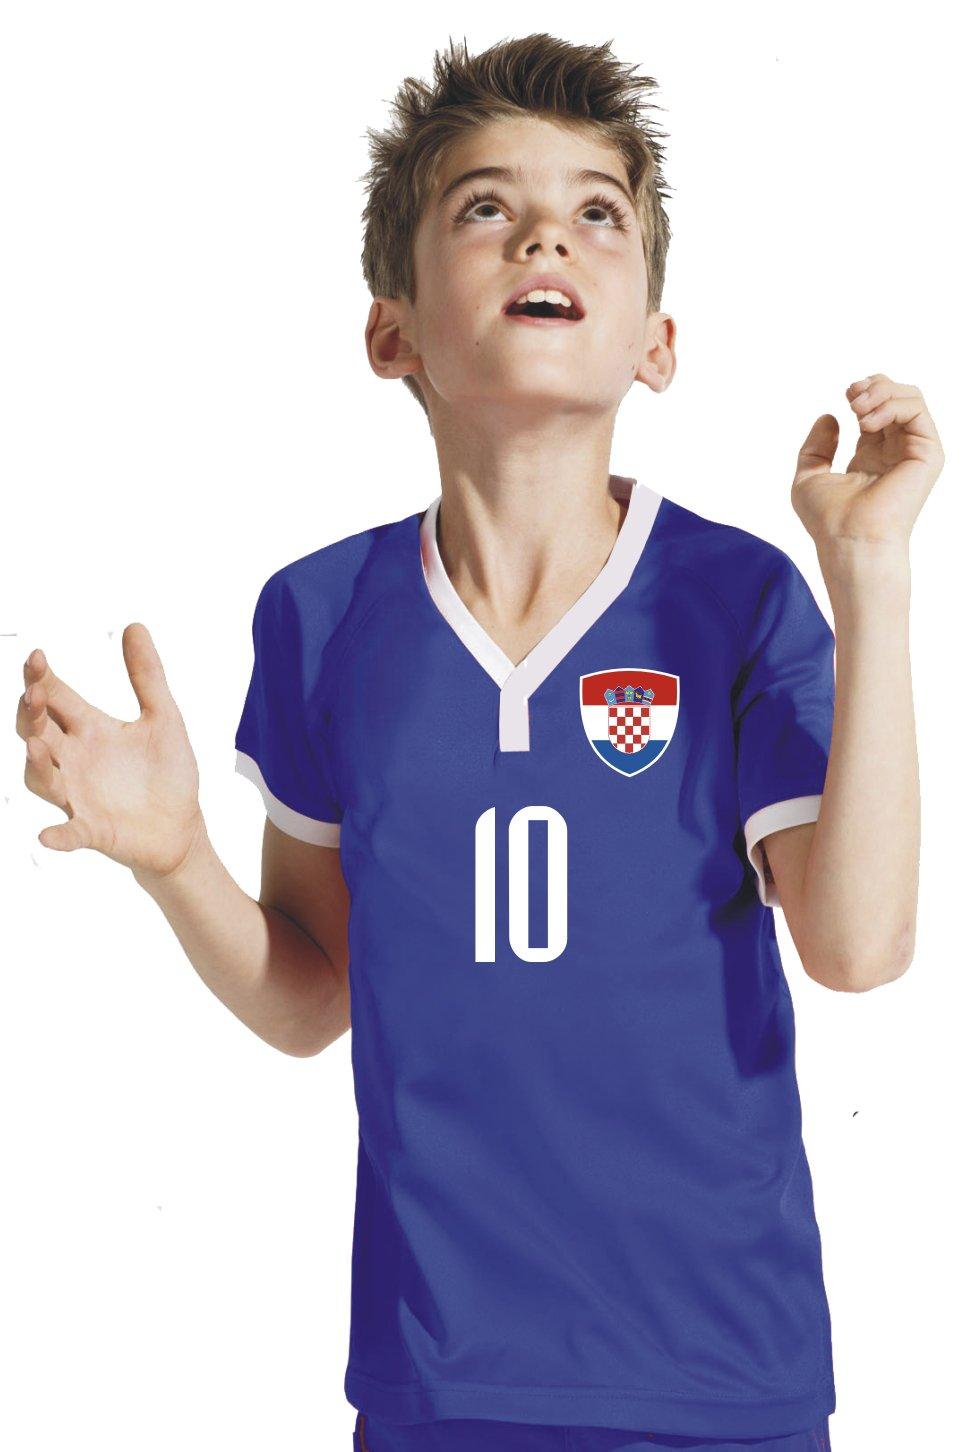 Druck Wunschname Hose Stutzen inkl Aprom-Sports Kroatien Kinder Trikot BBB WM 2018 Nr